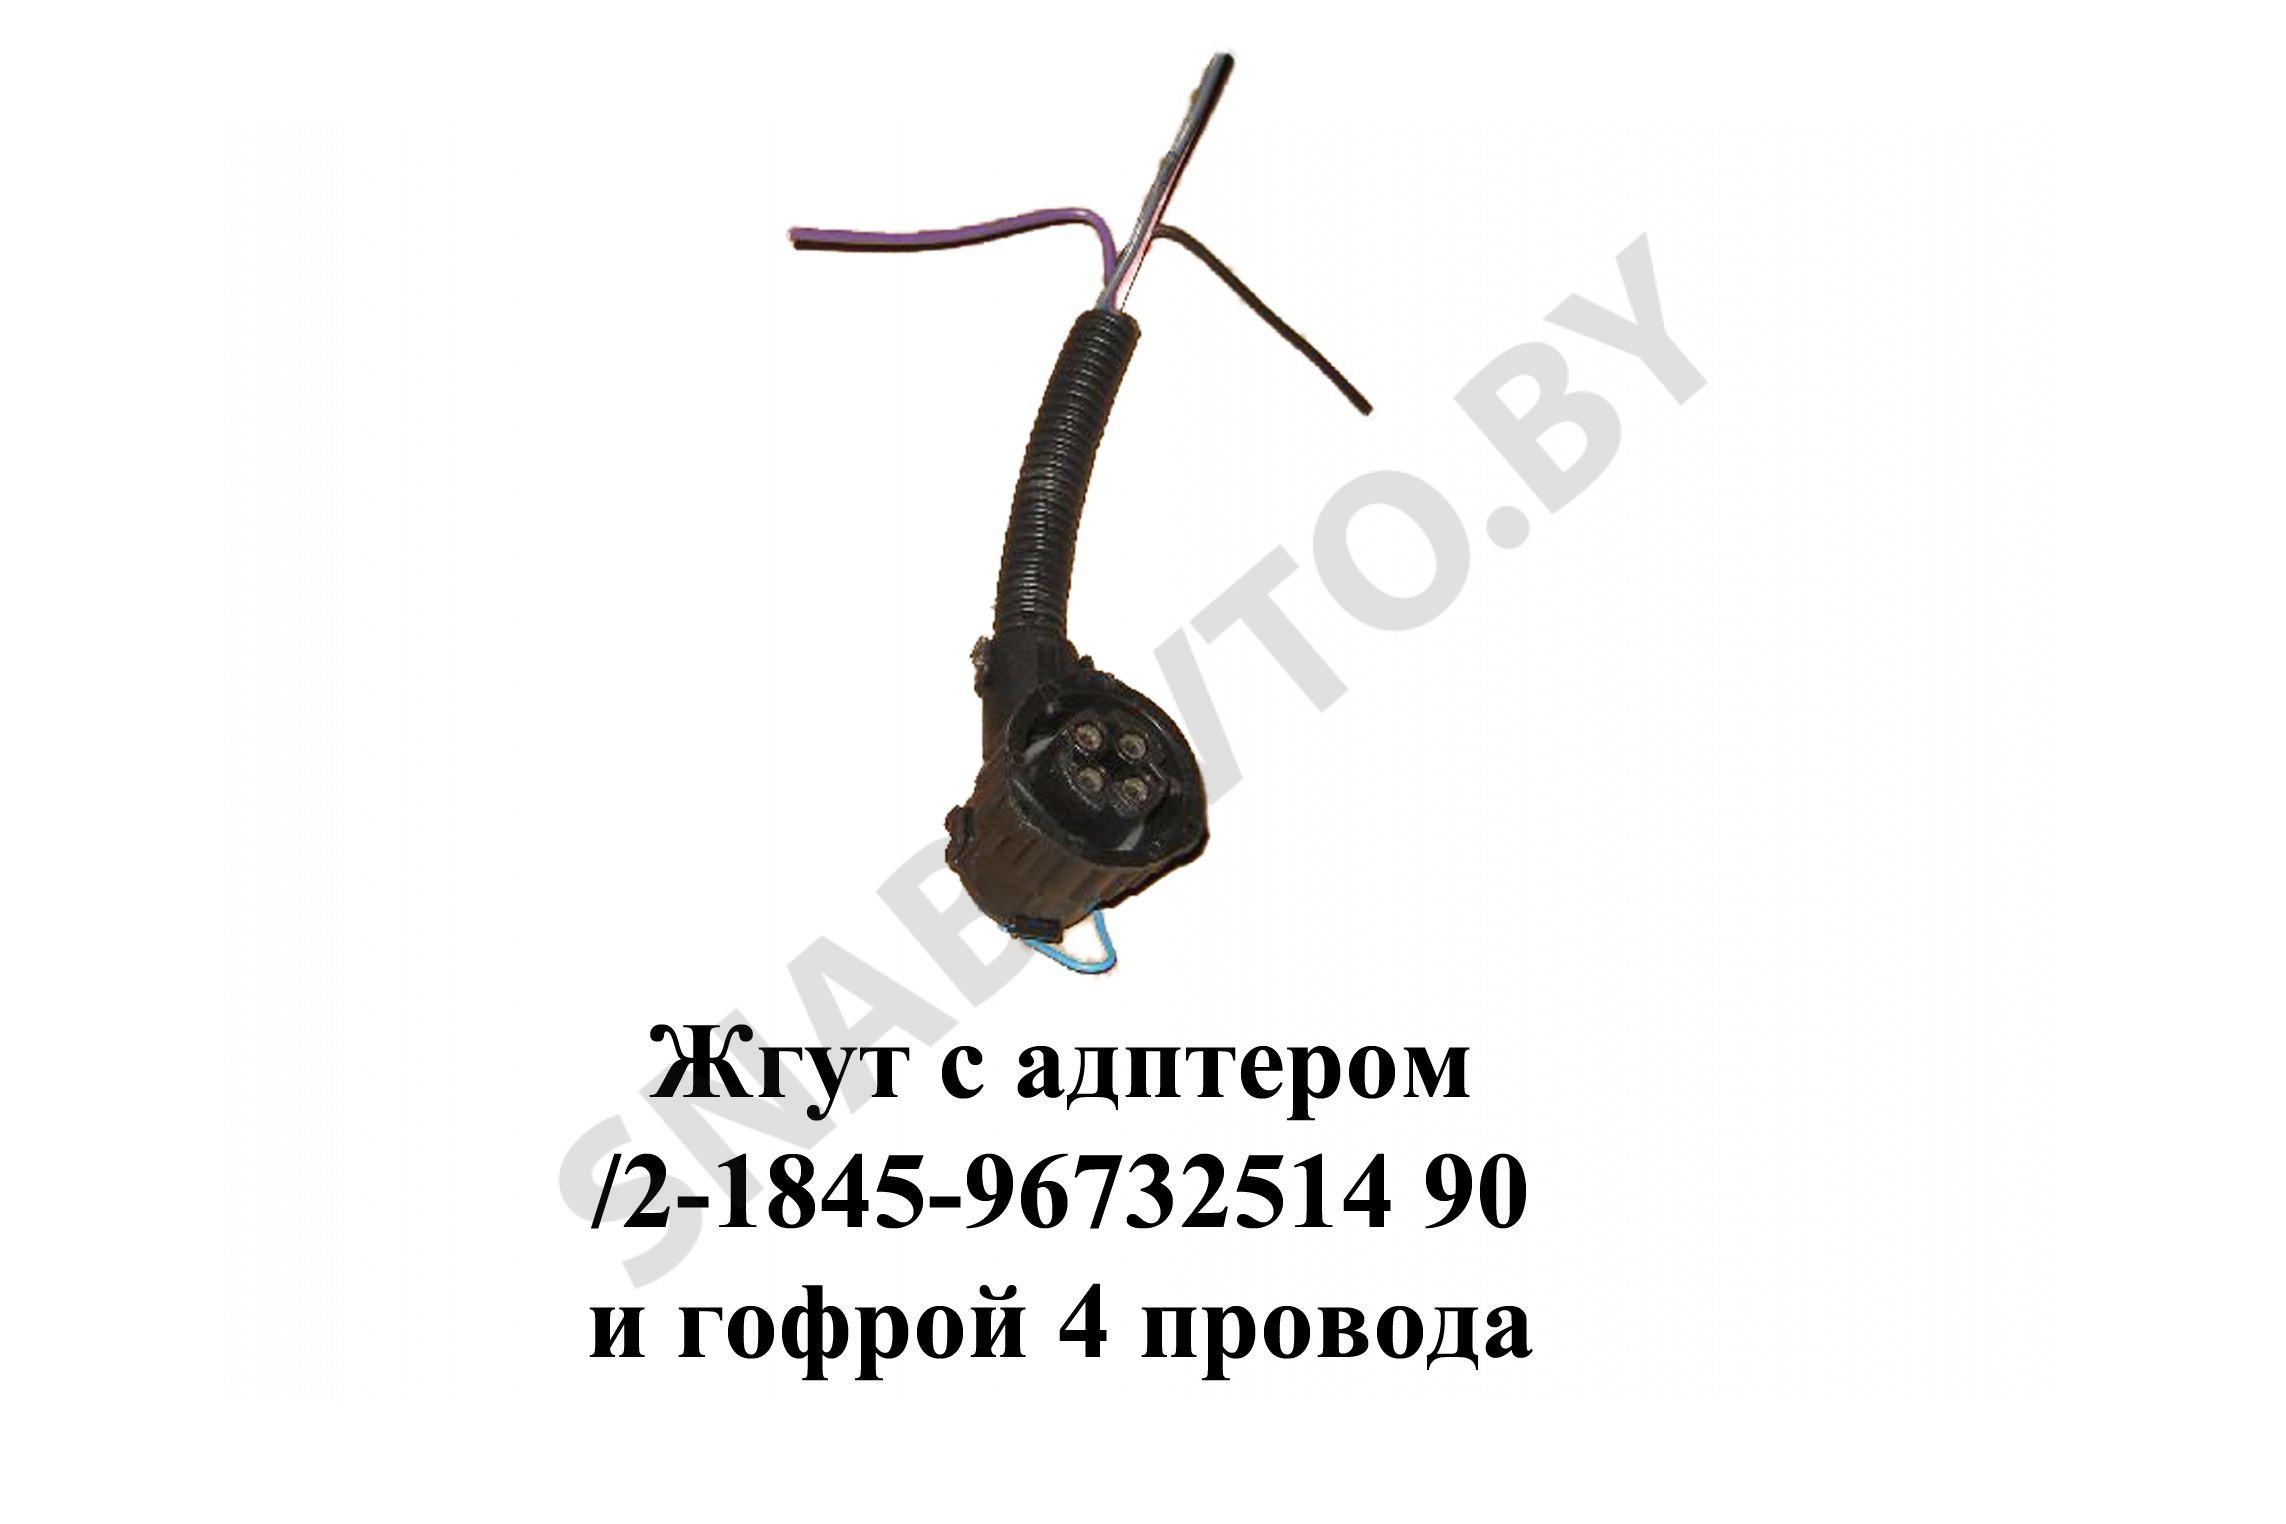 Жгут с адптером  90 и гофрой 4 провода